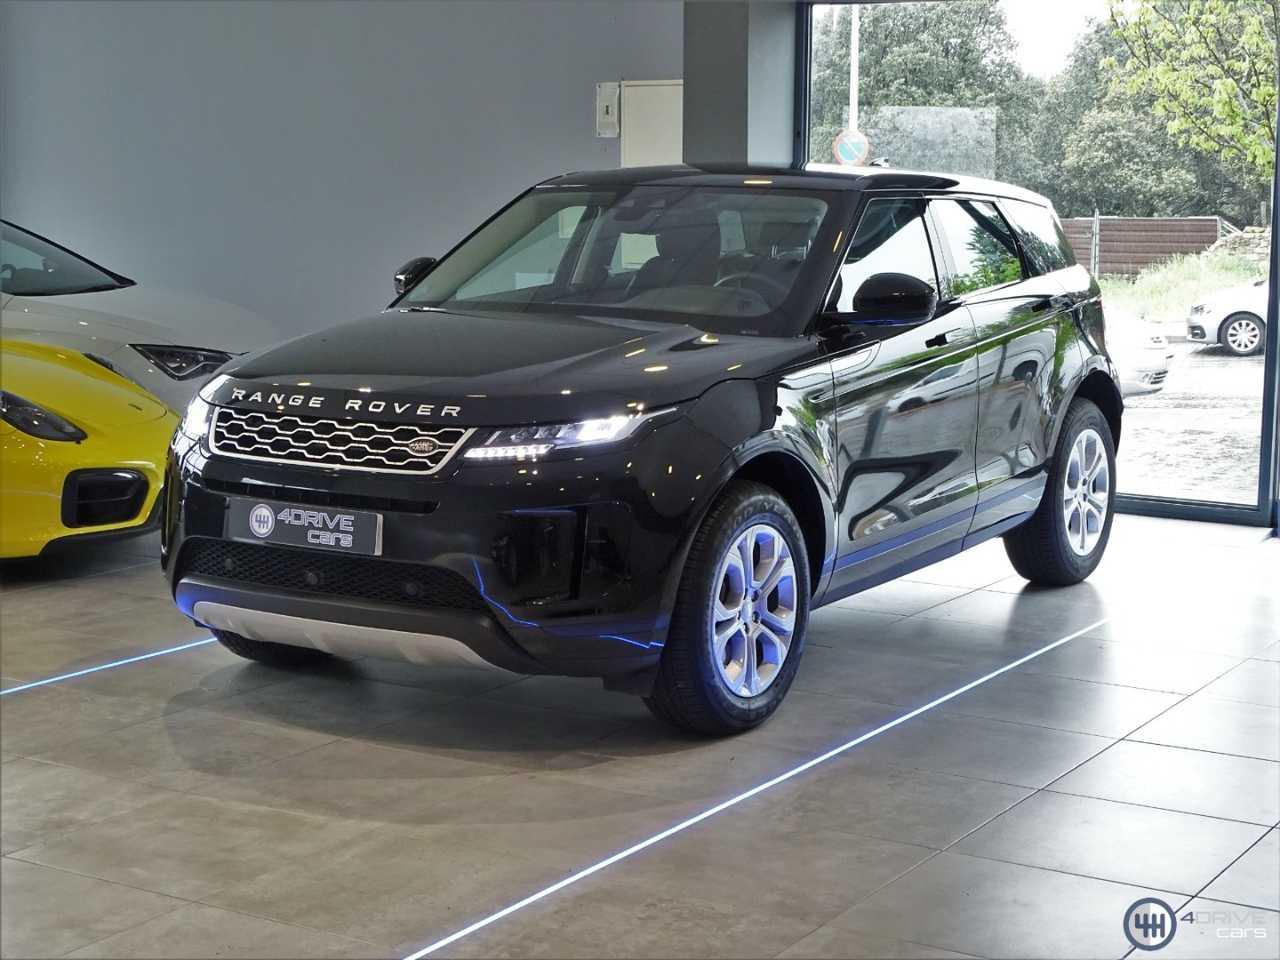 Land-Rover Range Rover Evoque 2.0 D150 Hibrido   - Foto 1